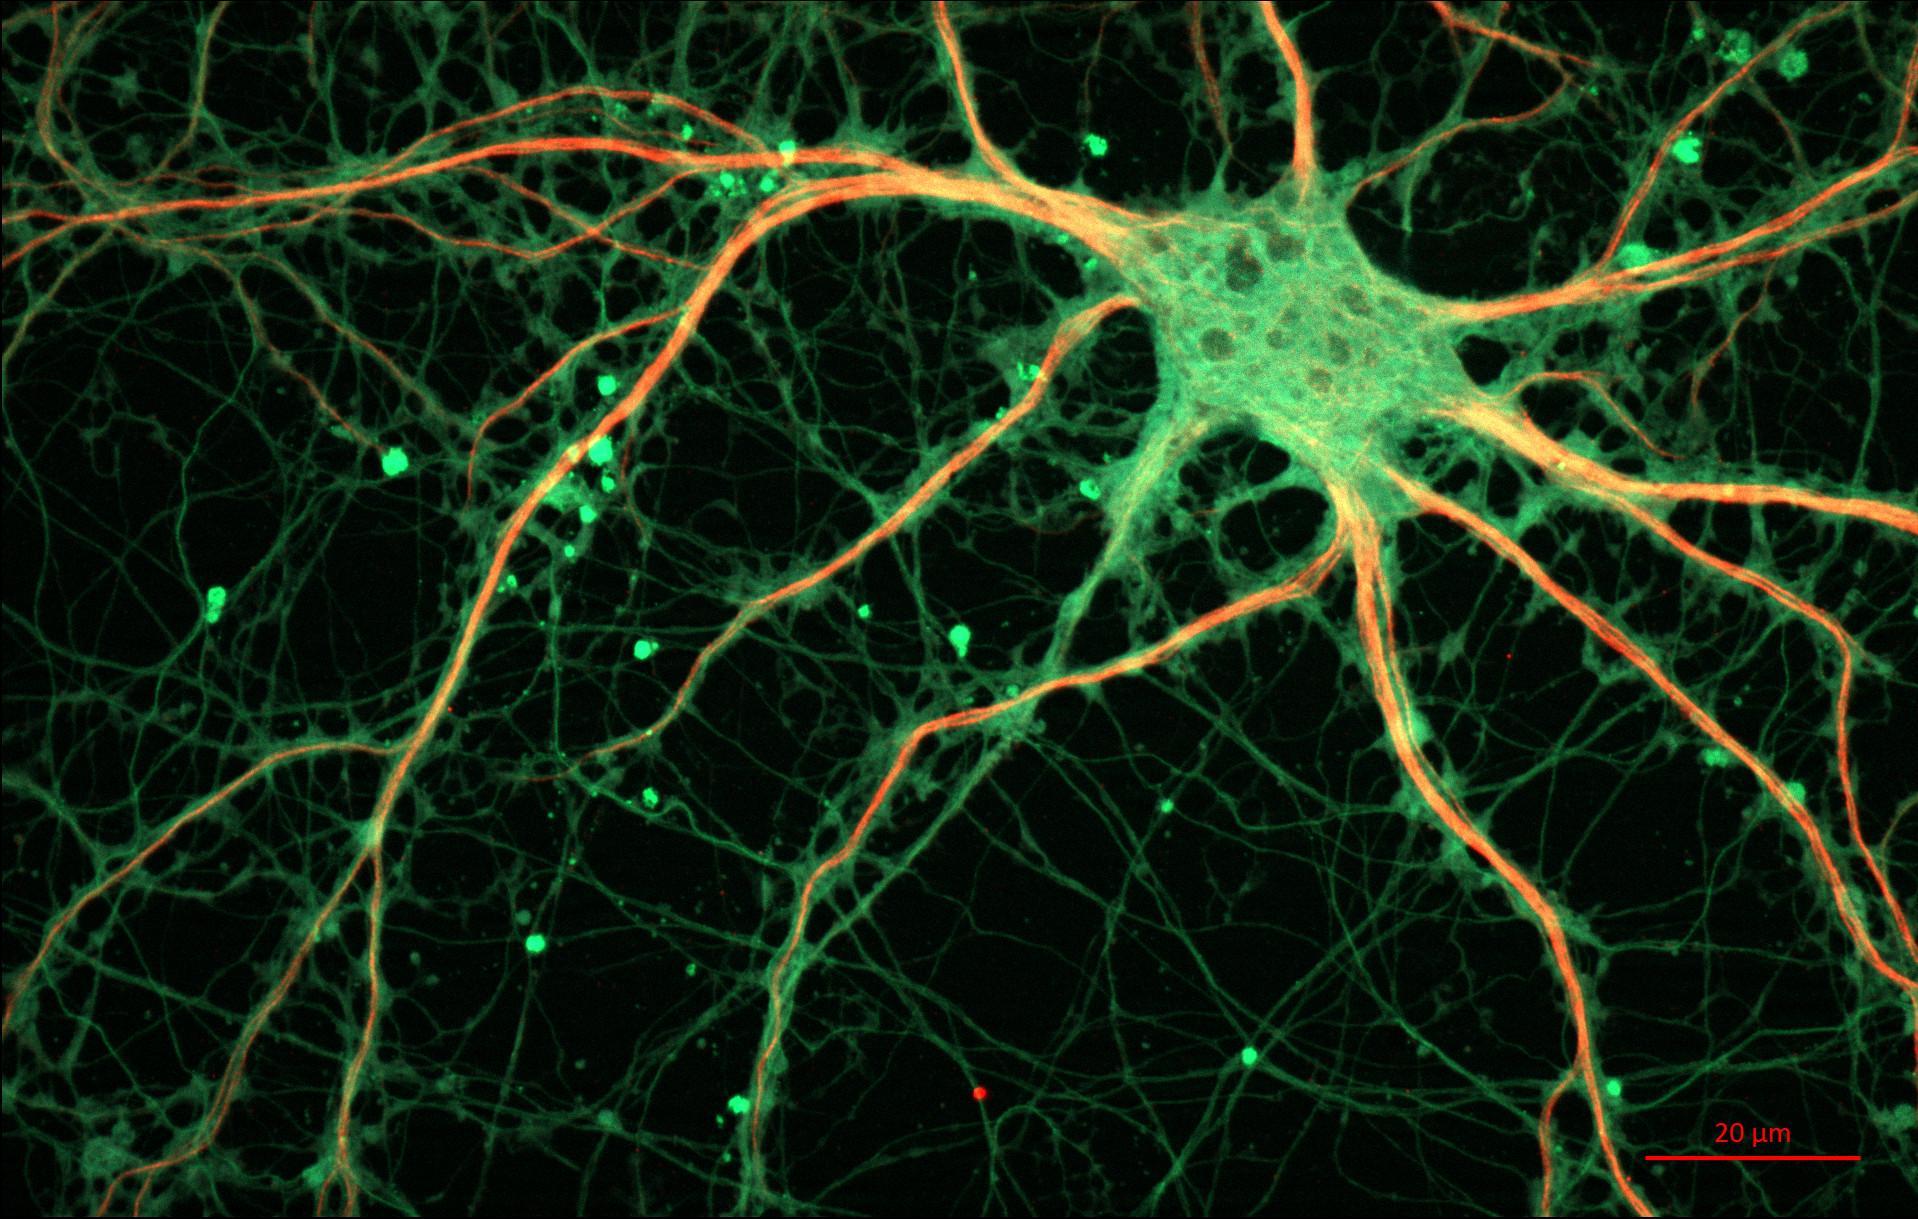 Успешность лечения депрессии может быть связана с формой нейронов